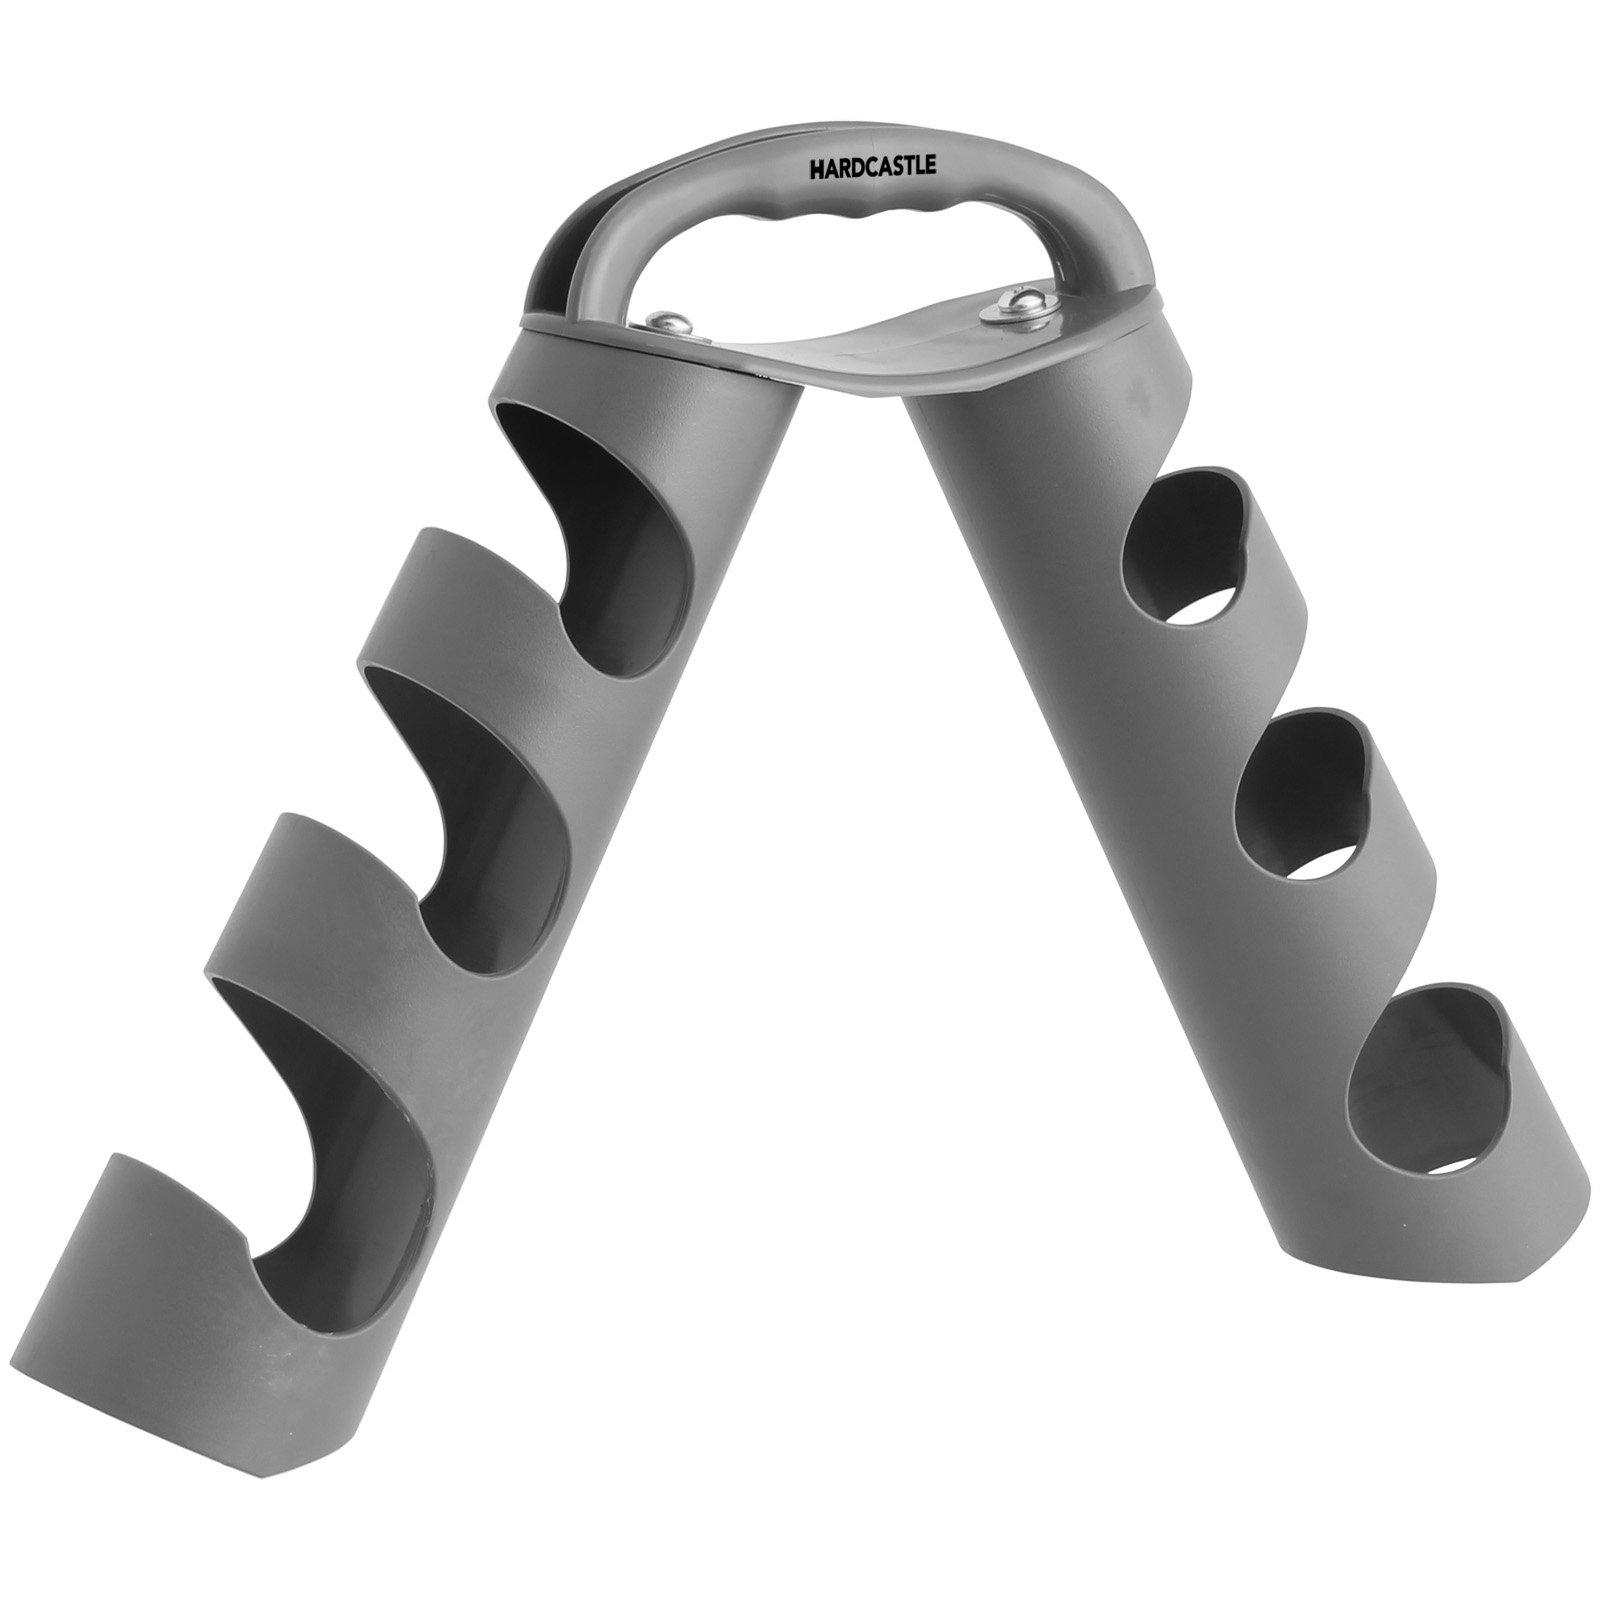 Hardcastle - Rastrelliera porta manubri - grigio